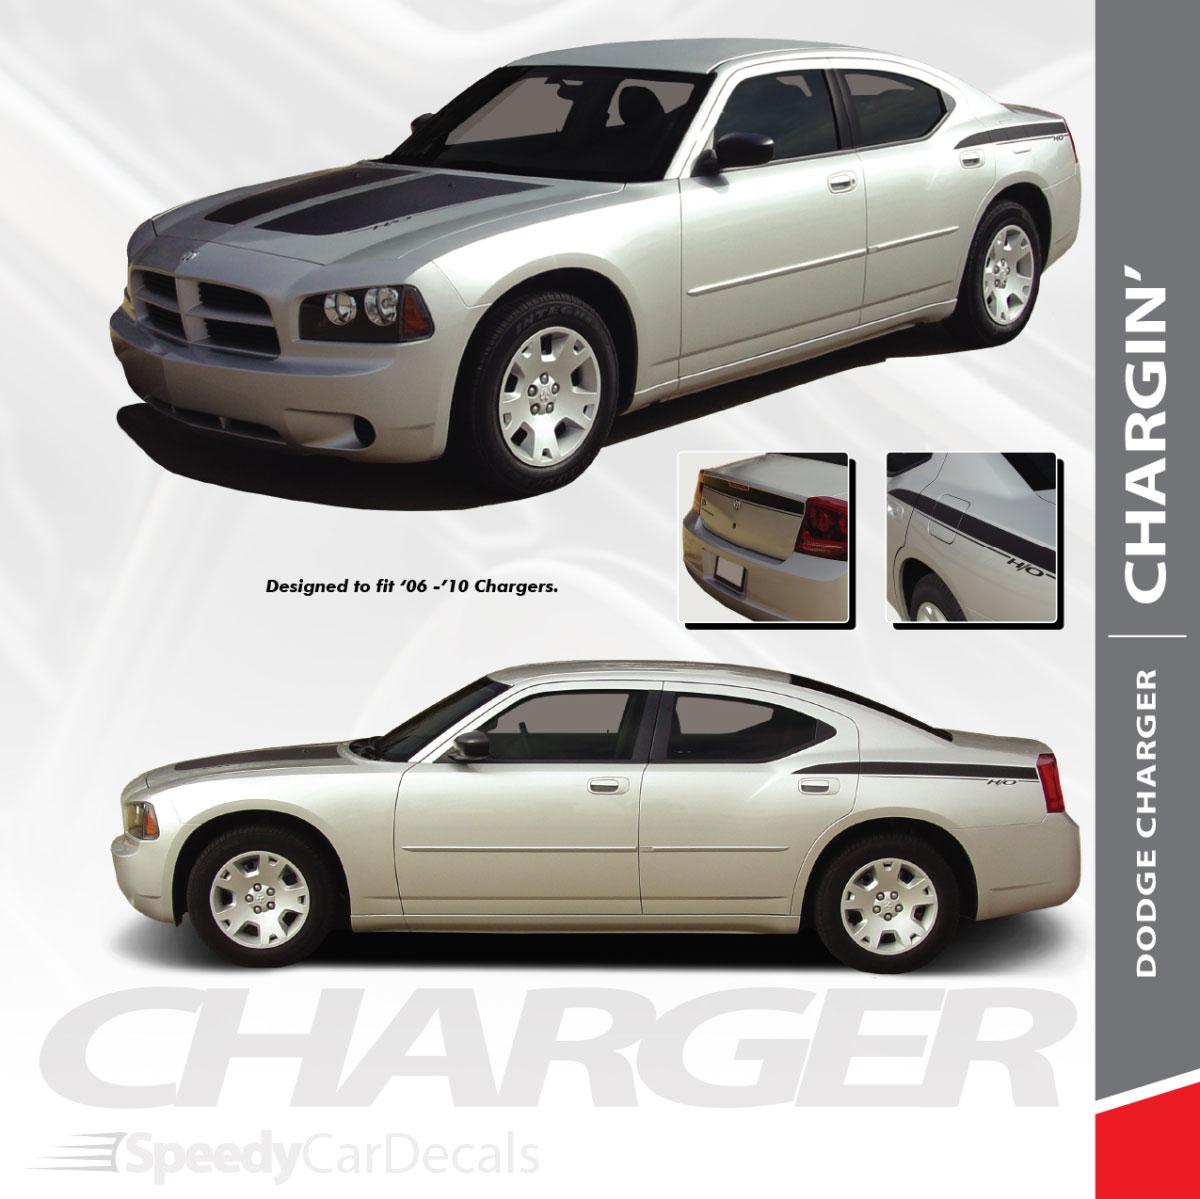 flyer 2006 dodge charger rt decals chargin 2006 2007 2008 2009 2010 supreme vinyl [ 1200 x 1199 Pixel ]